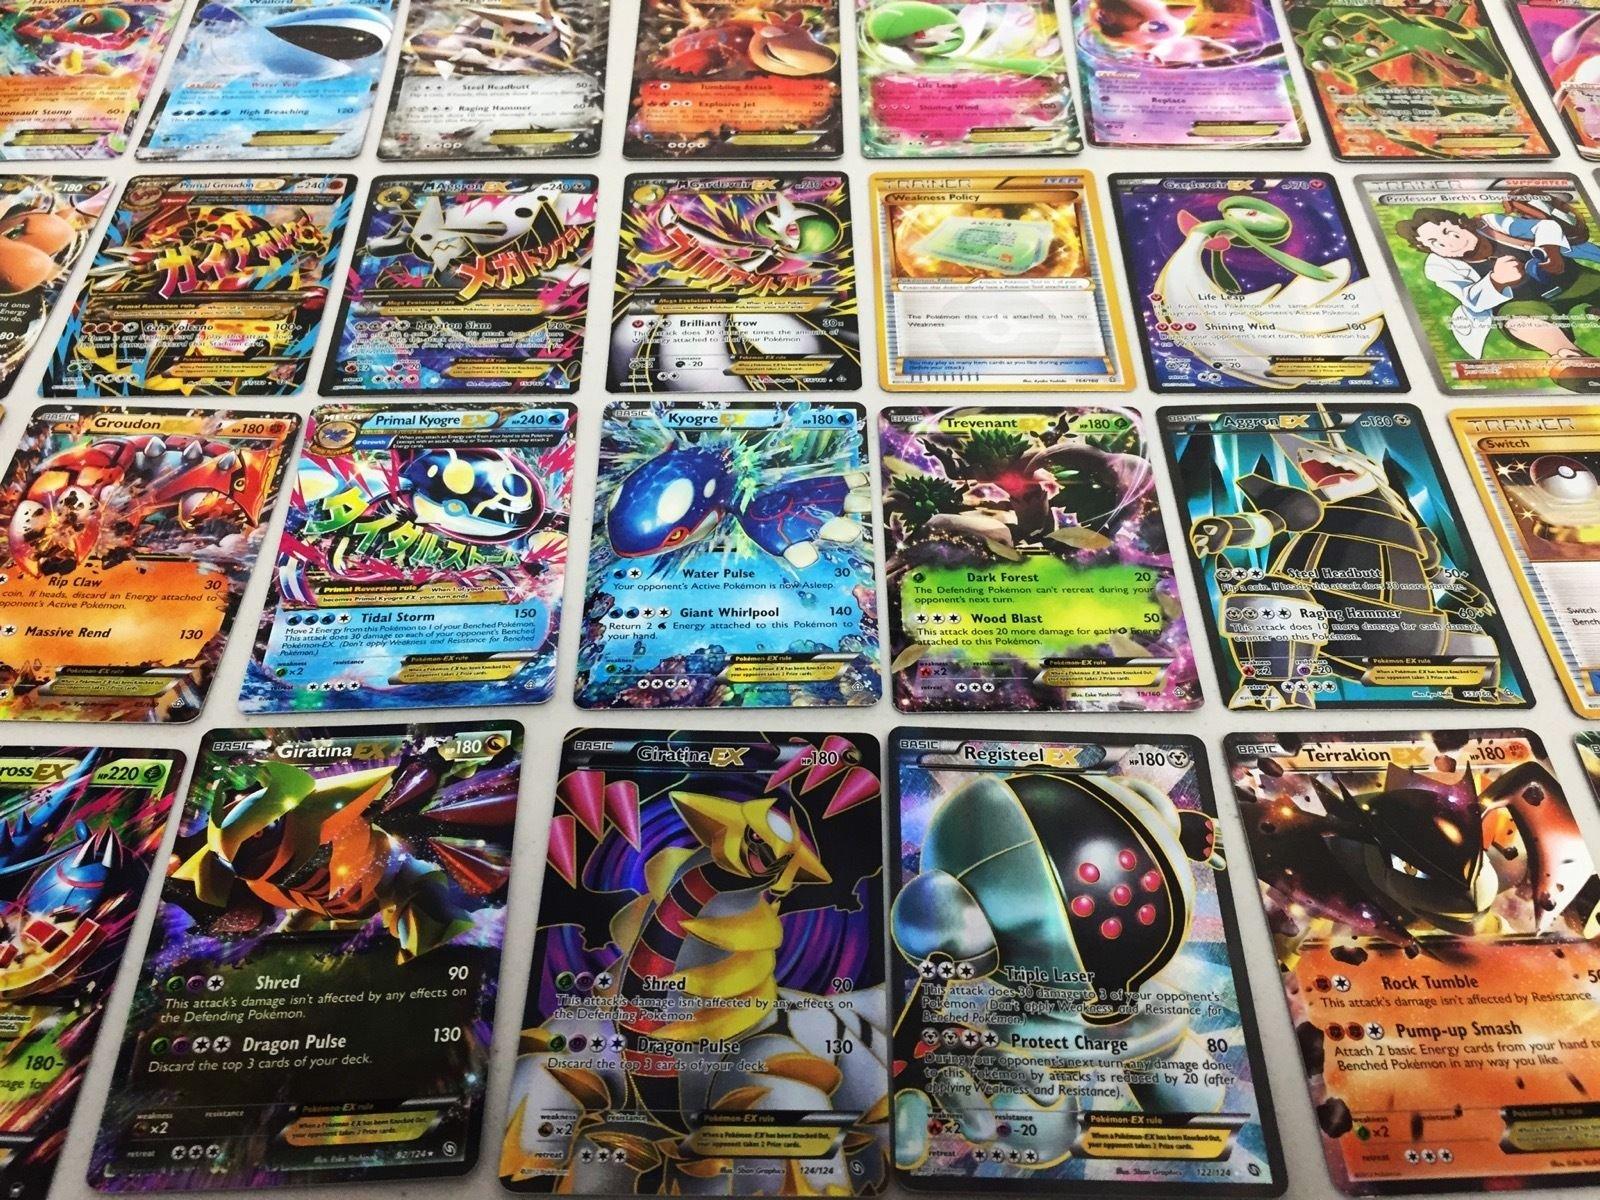 Pokemon TCG : 100 CARD LOT RARE, COMMON, UNC, HOLO & GUARANTEED EX CARD + 10 FREE CARDS!!!